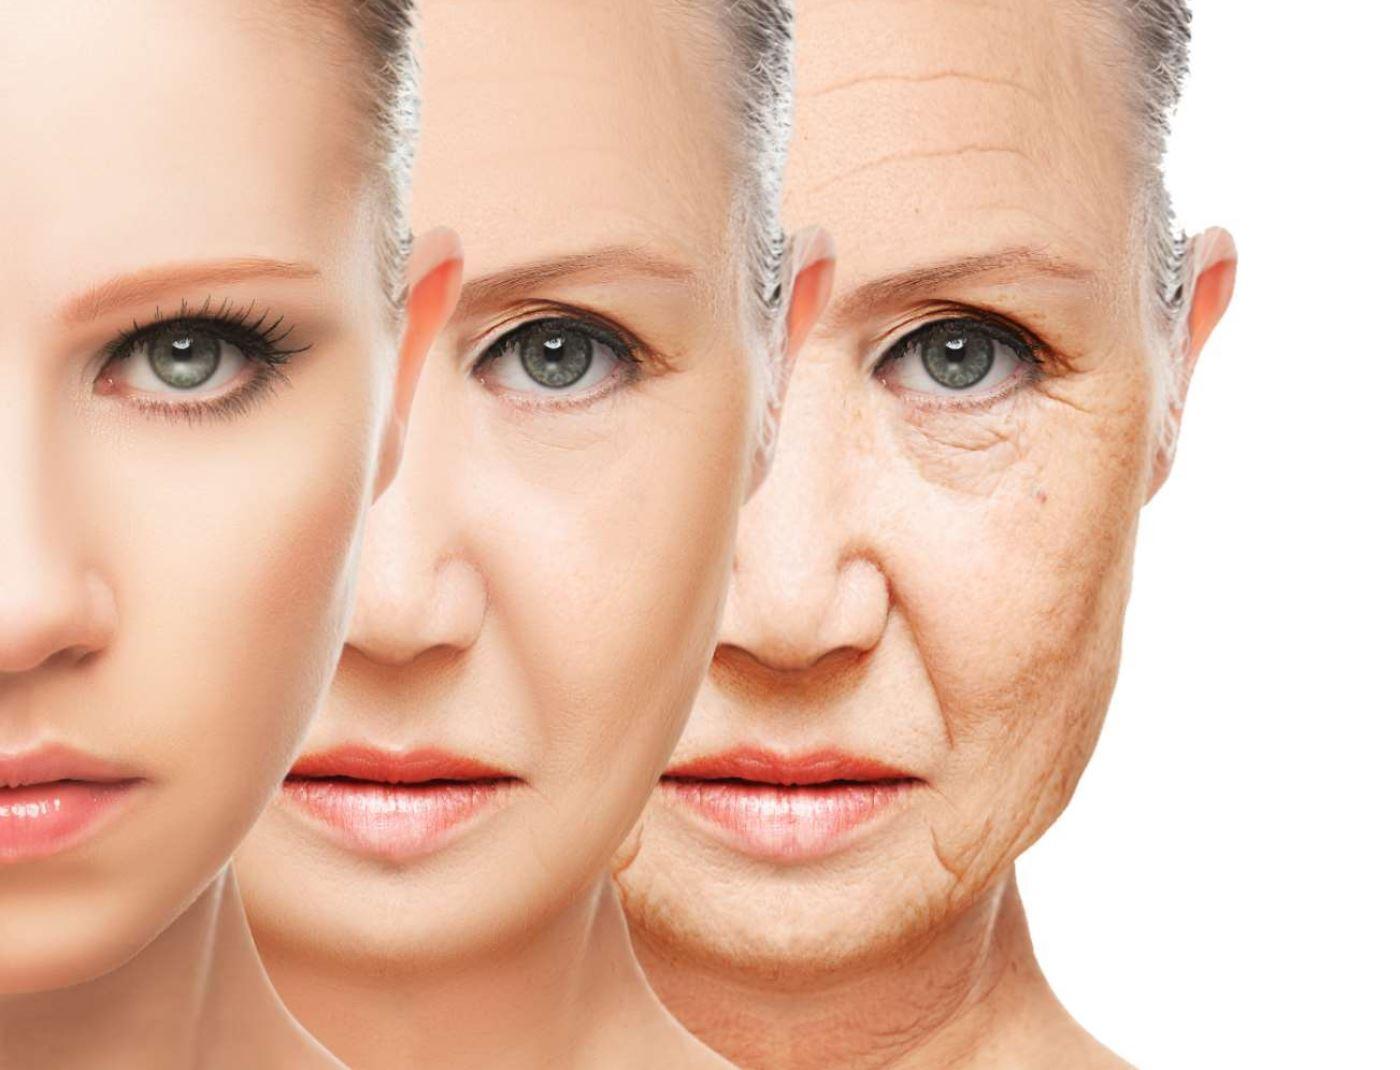 Javansazi - جوانسازی پوست و آنچه باید در اینباره بدانید!